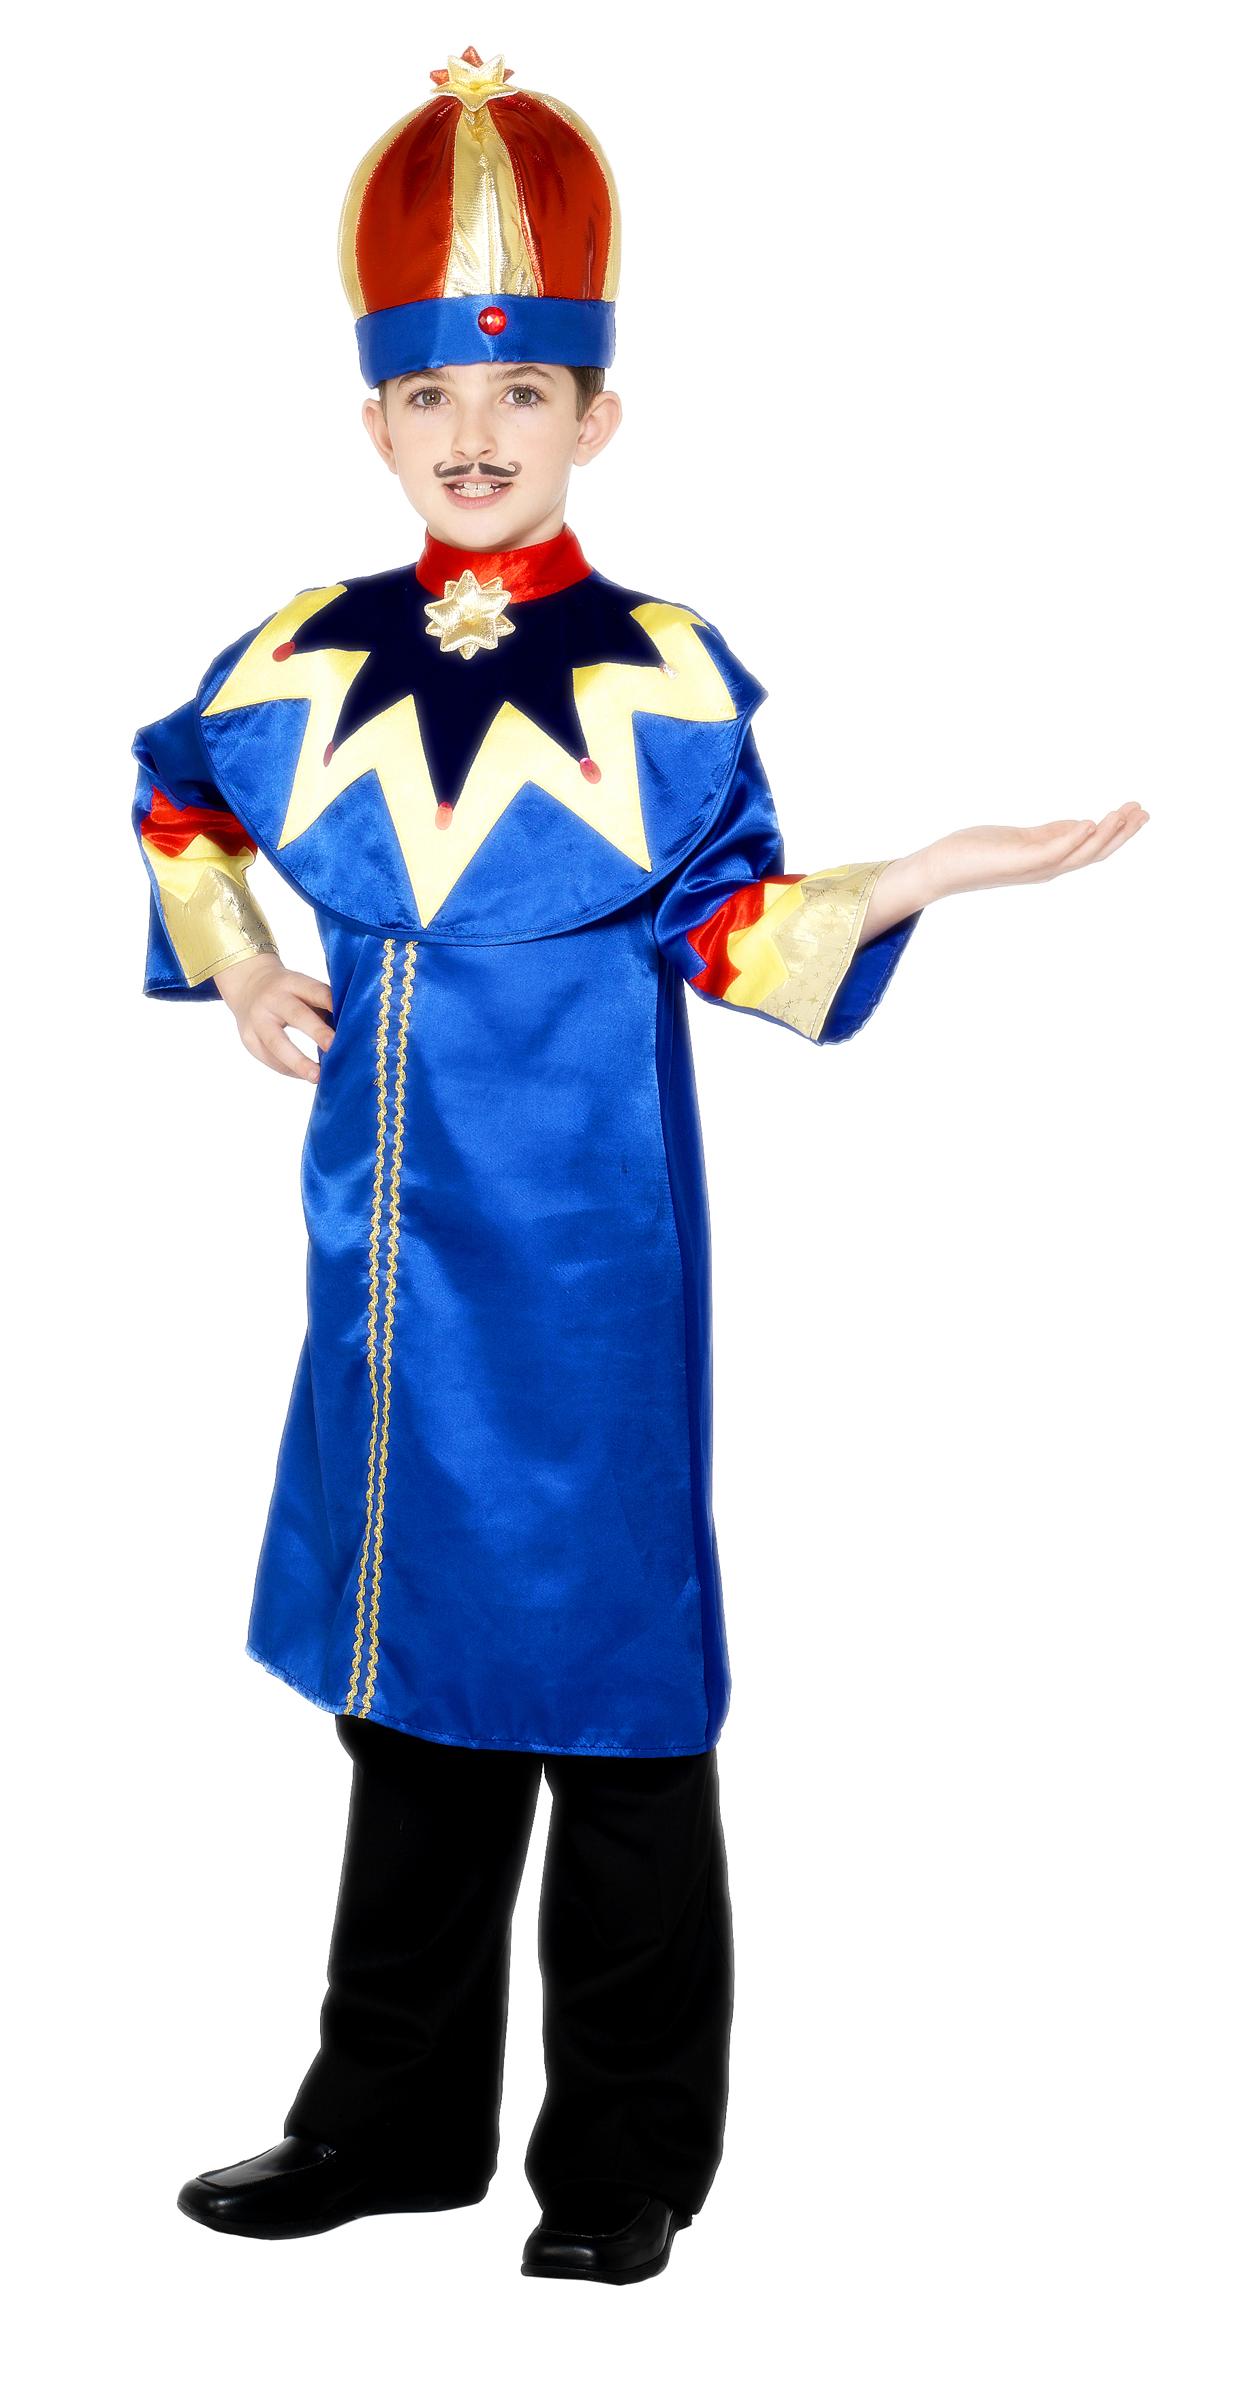 Disfraz de rey baltasar para ni o ideal para navidad - Disfraz nino navidad ...